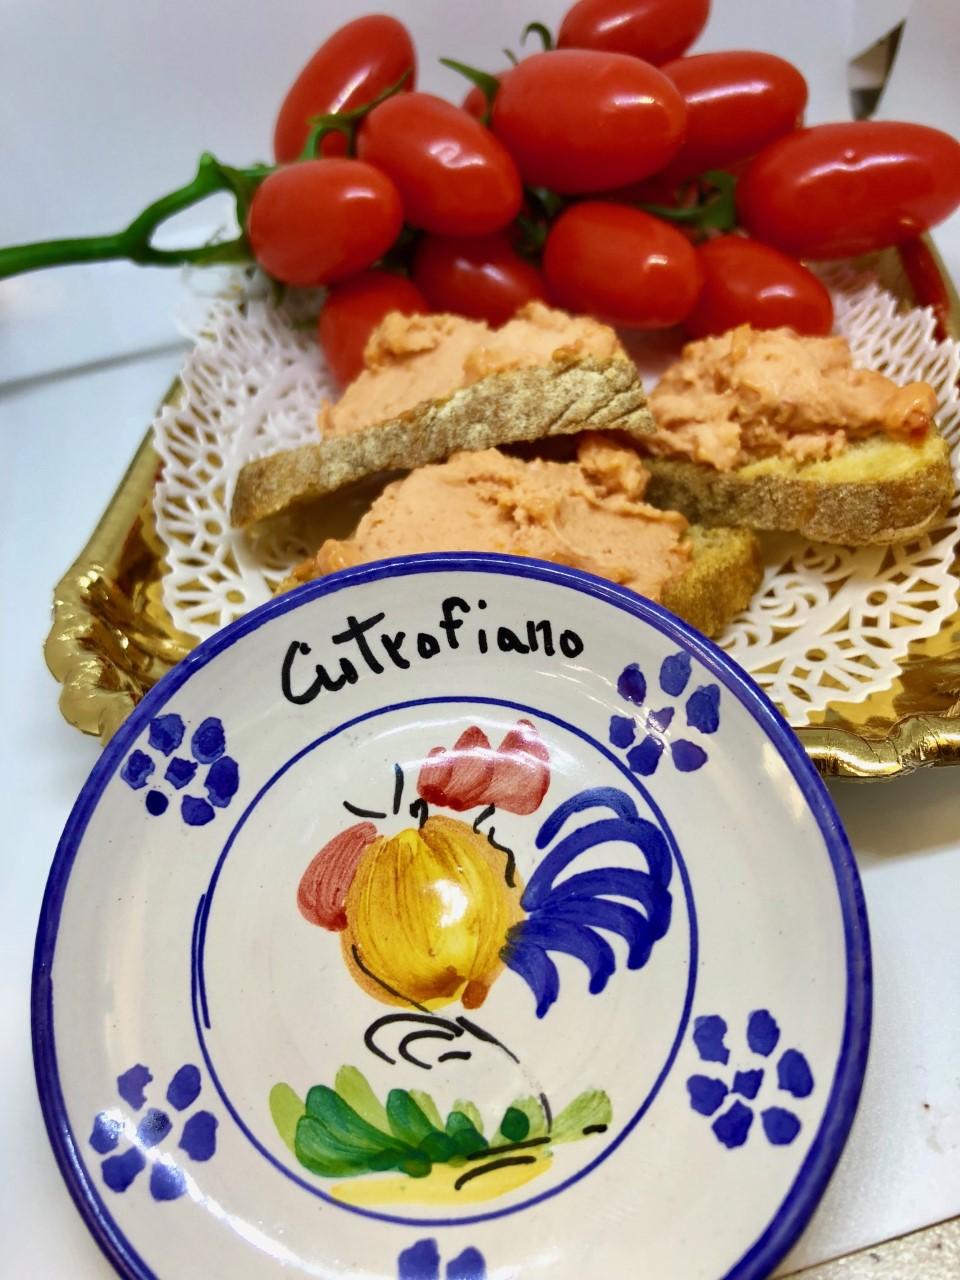 dolce arte Cutrofiano gelateria pasticceria